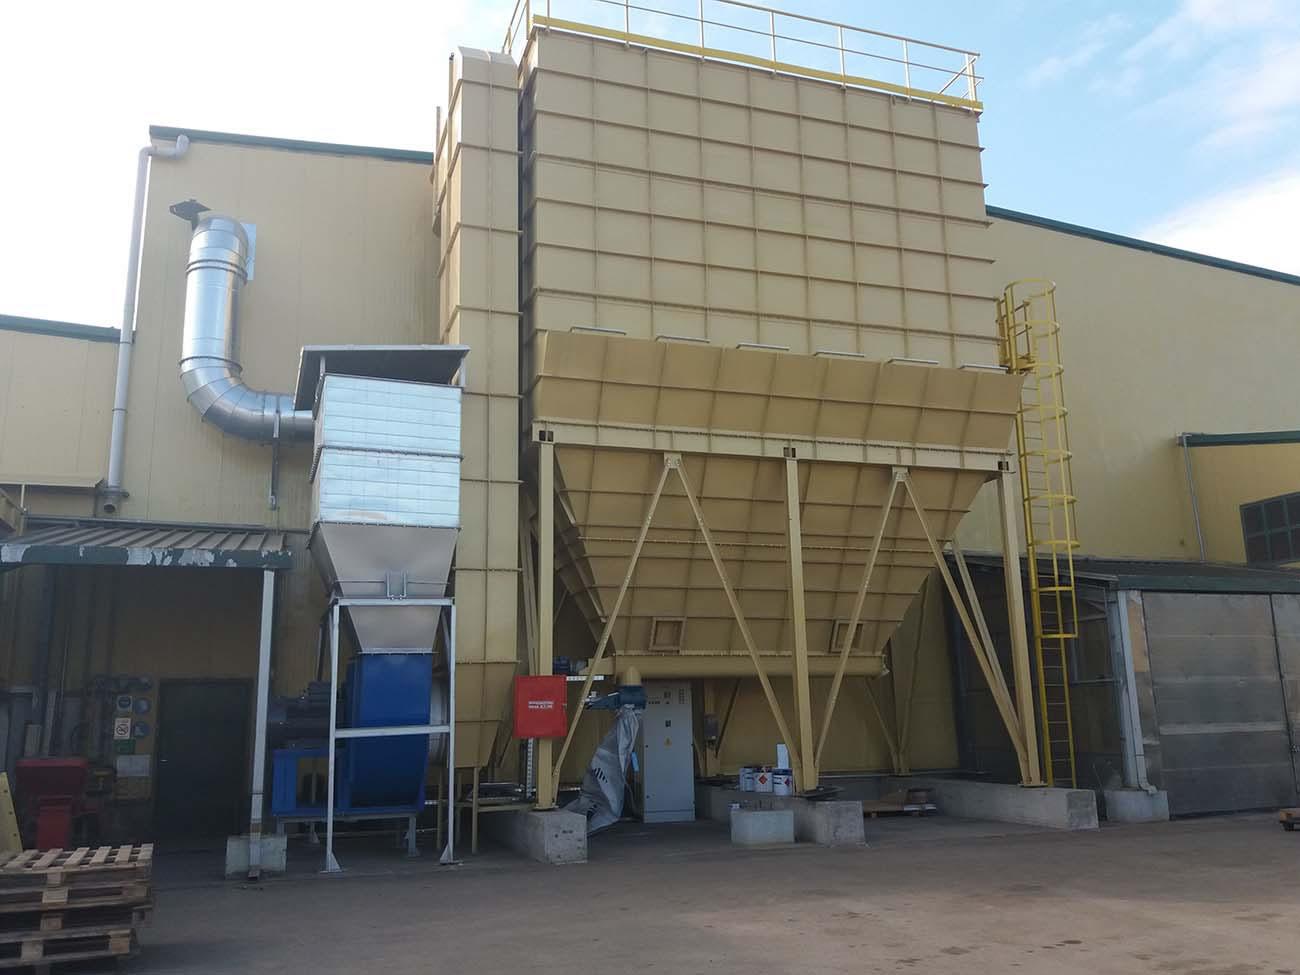 Φίλτρο επιφάνειας 900 μ² αποκονίωση εργοστασίου ανακύκλωσης